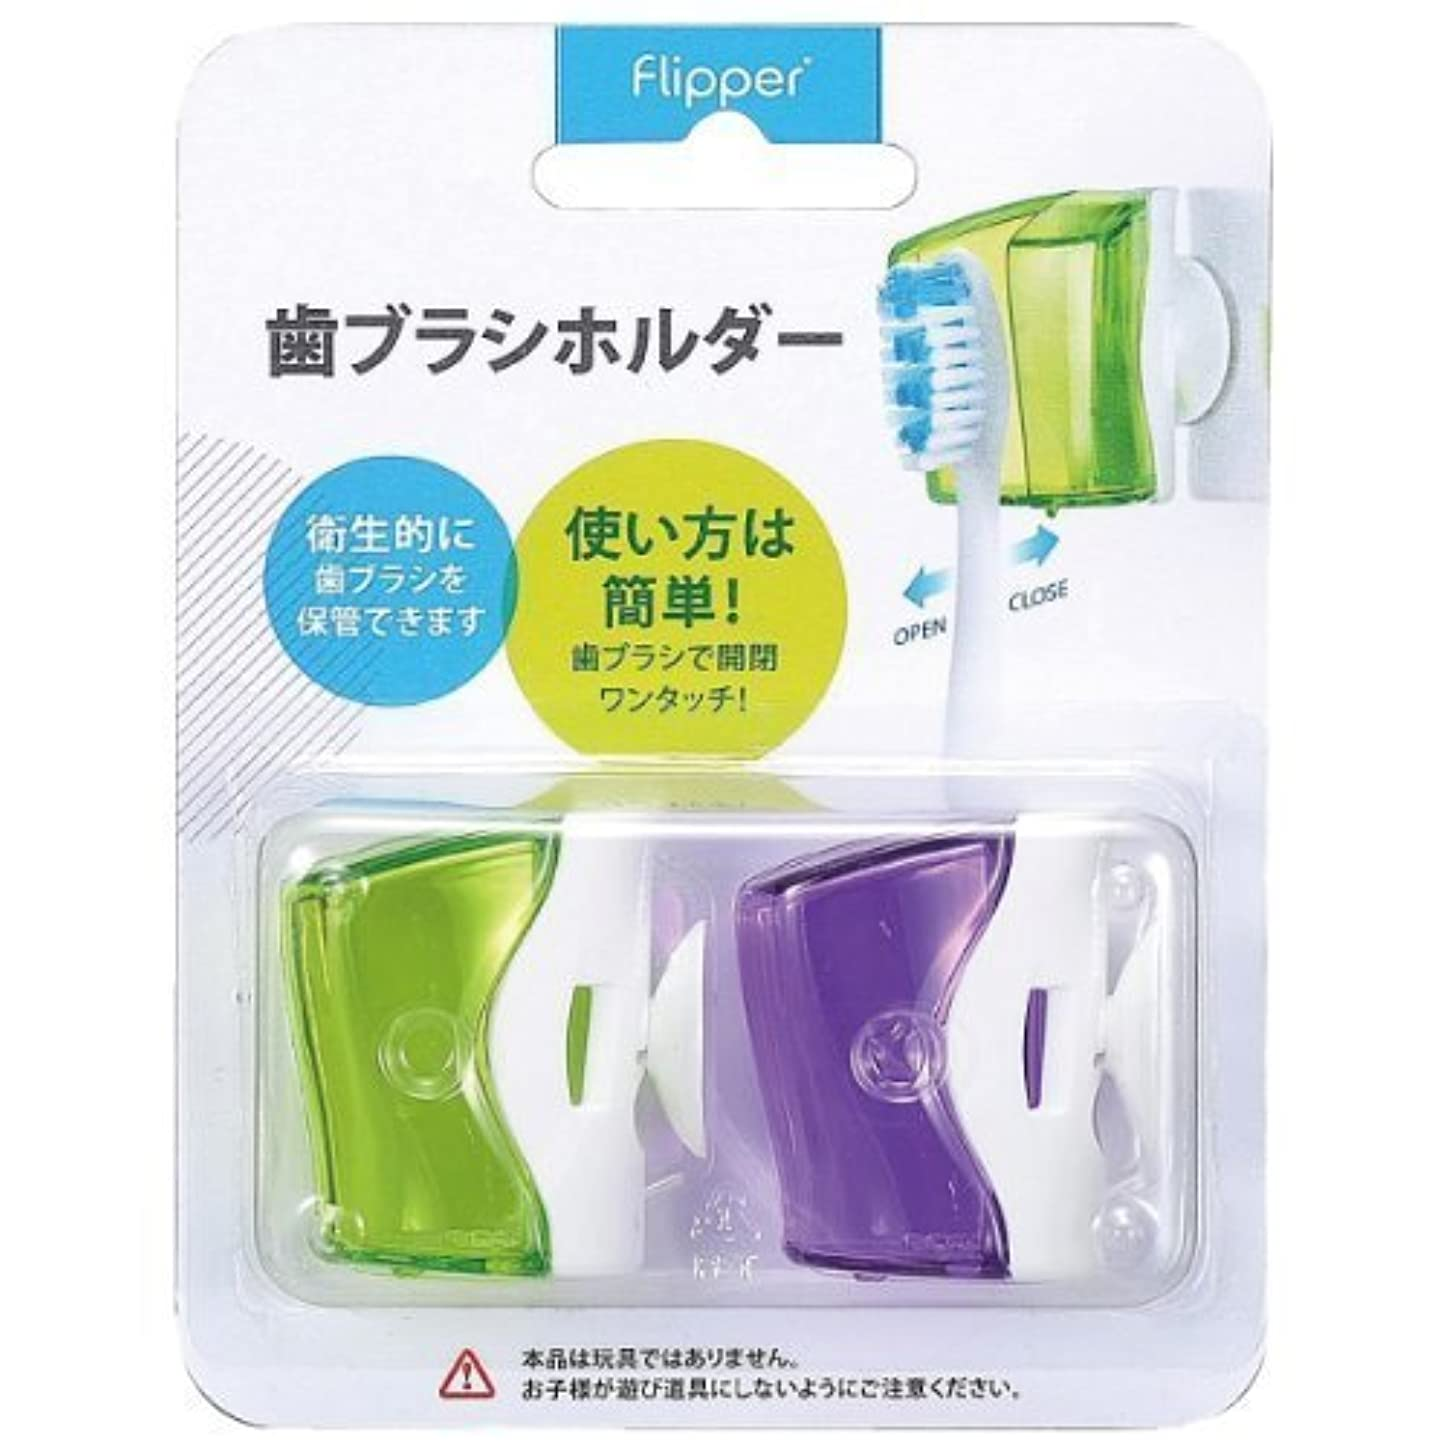 甘味五月カヌー【歯ブラシホルダー】フリッパー ベーシック 2個セット / グリーン×パープル